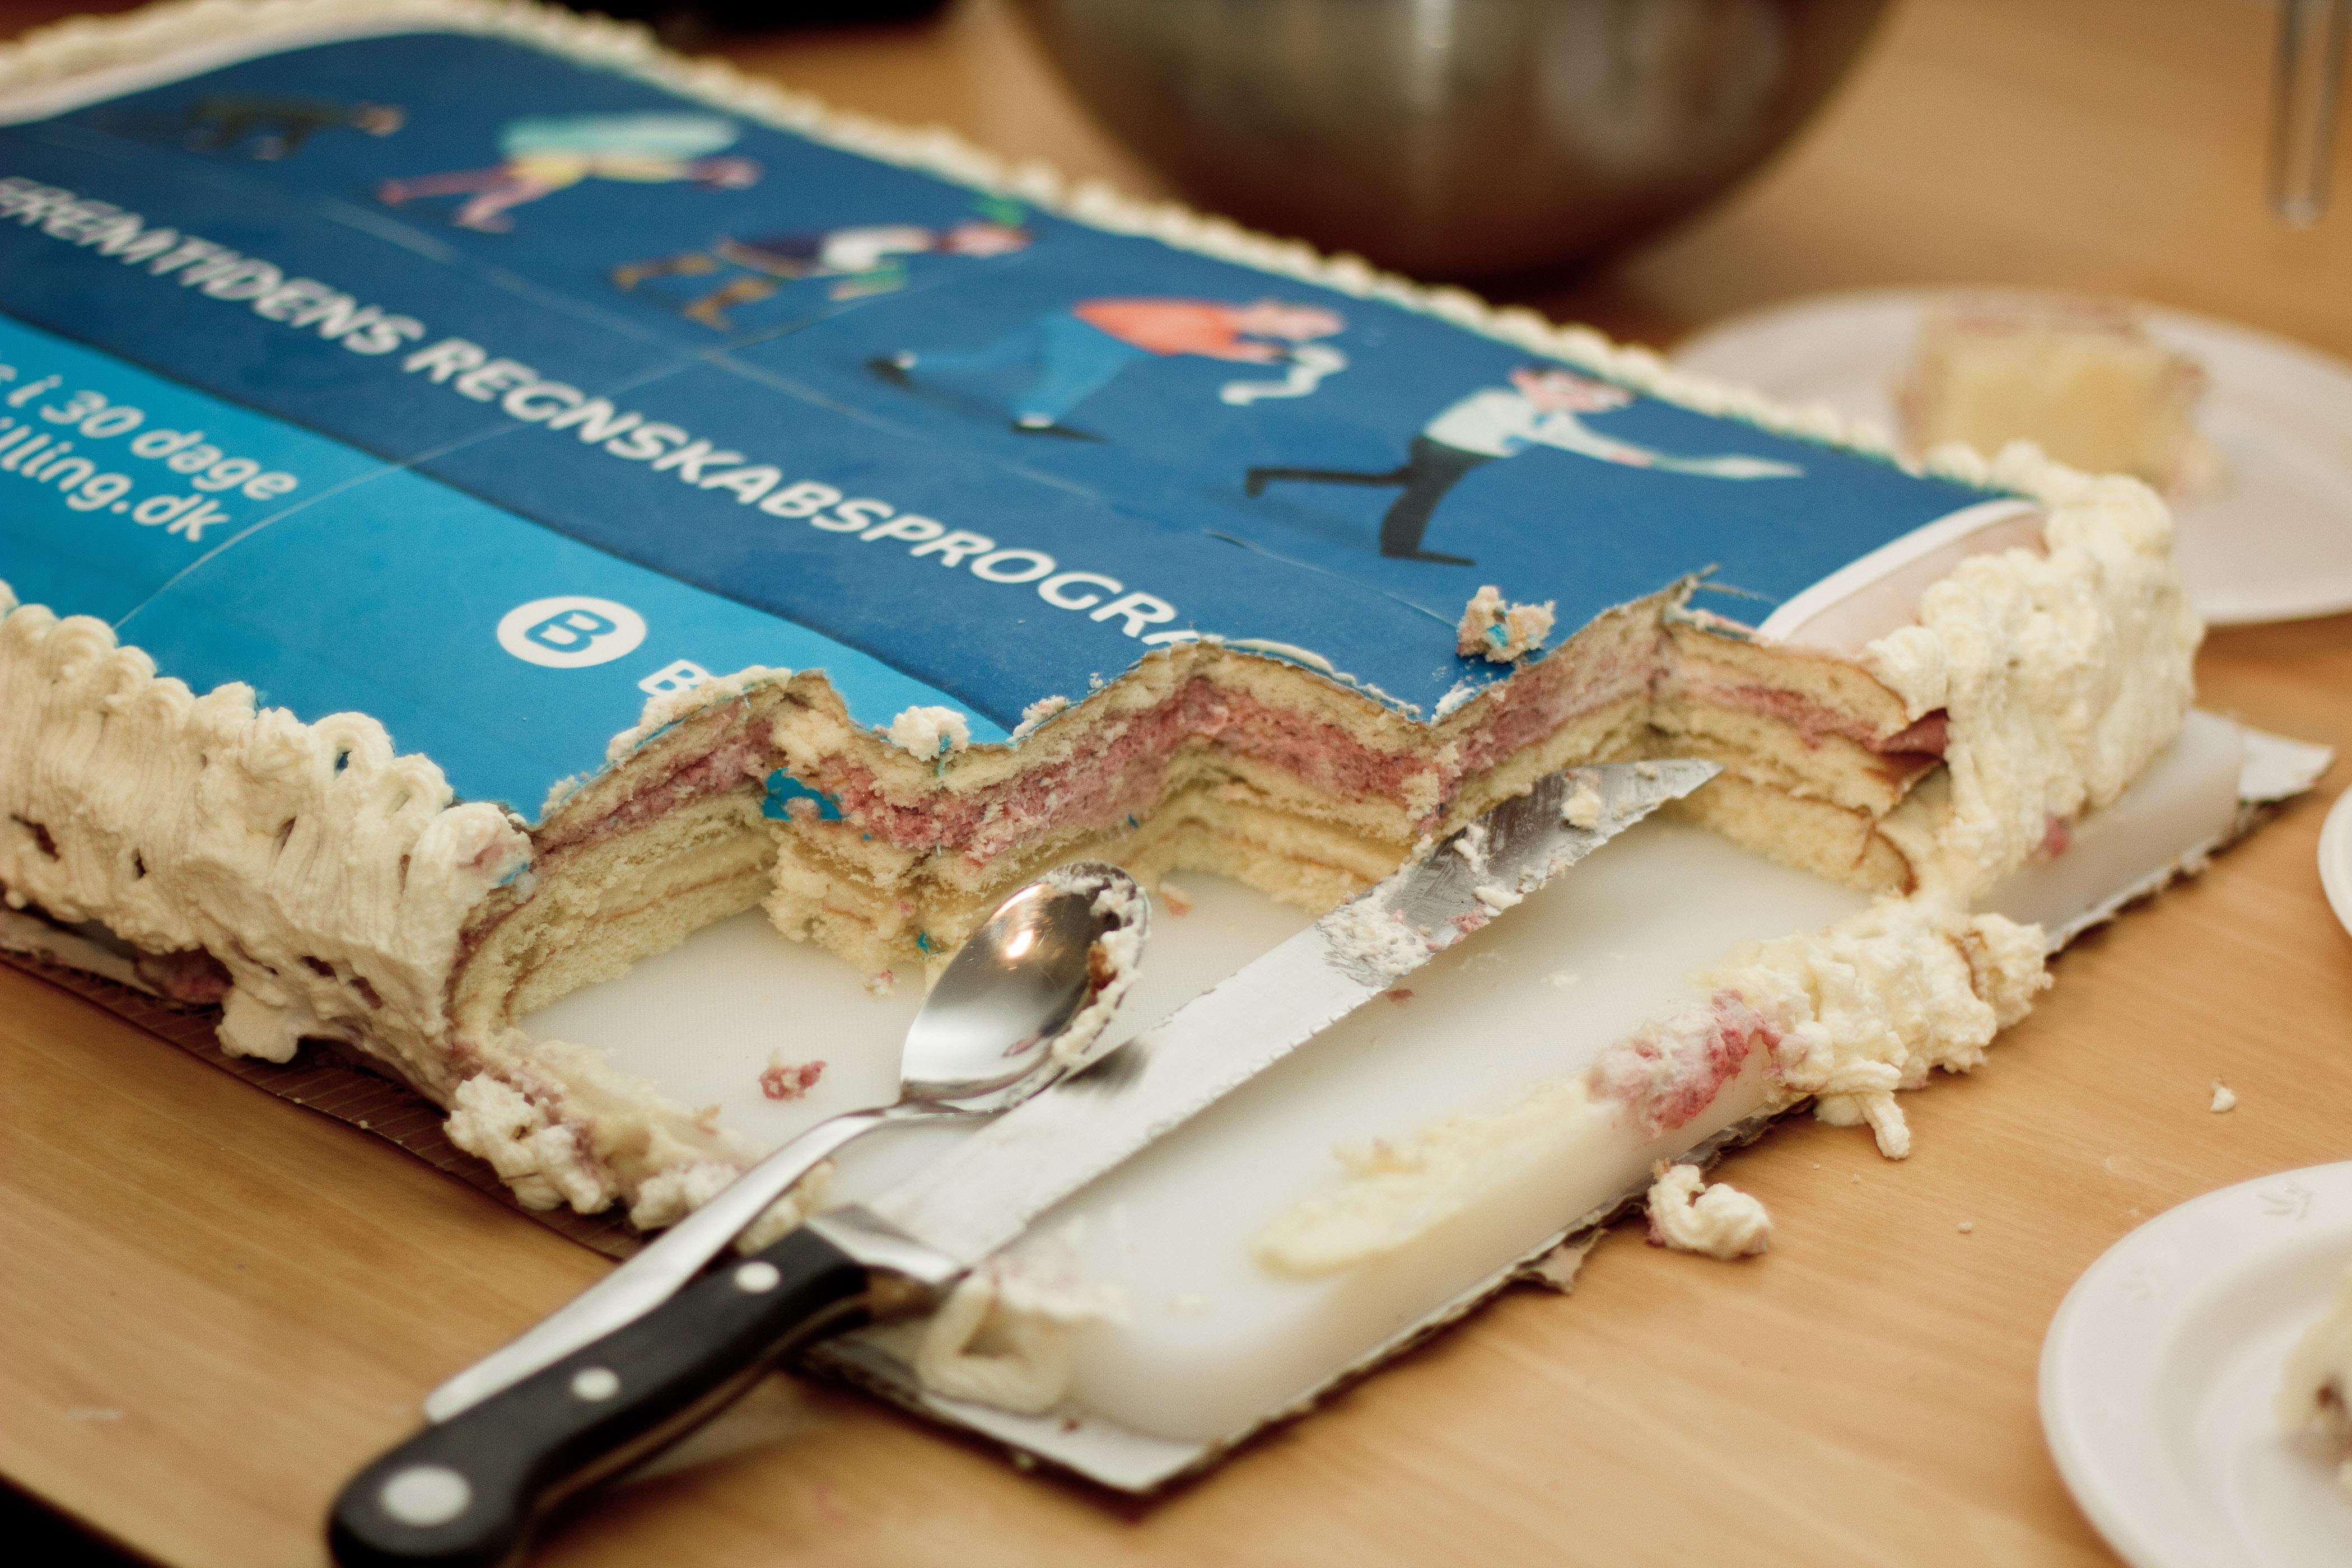 Billy Regnskabsprogram og kage